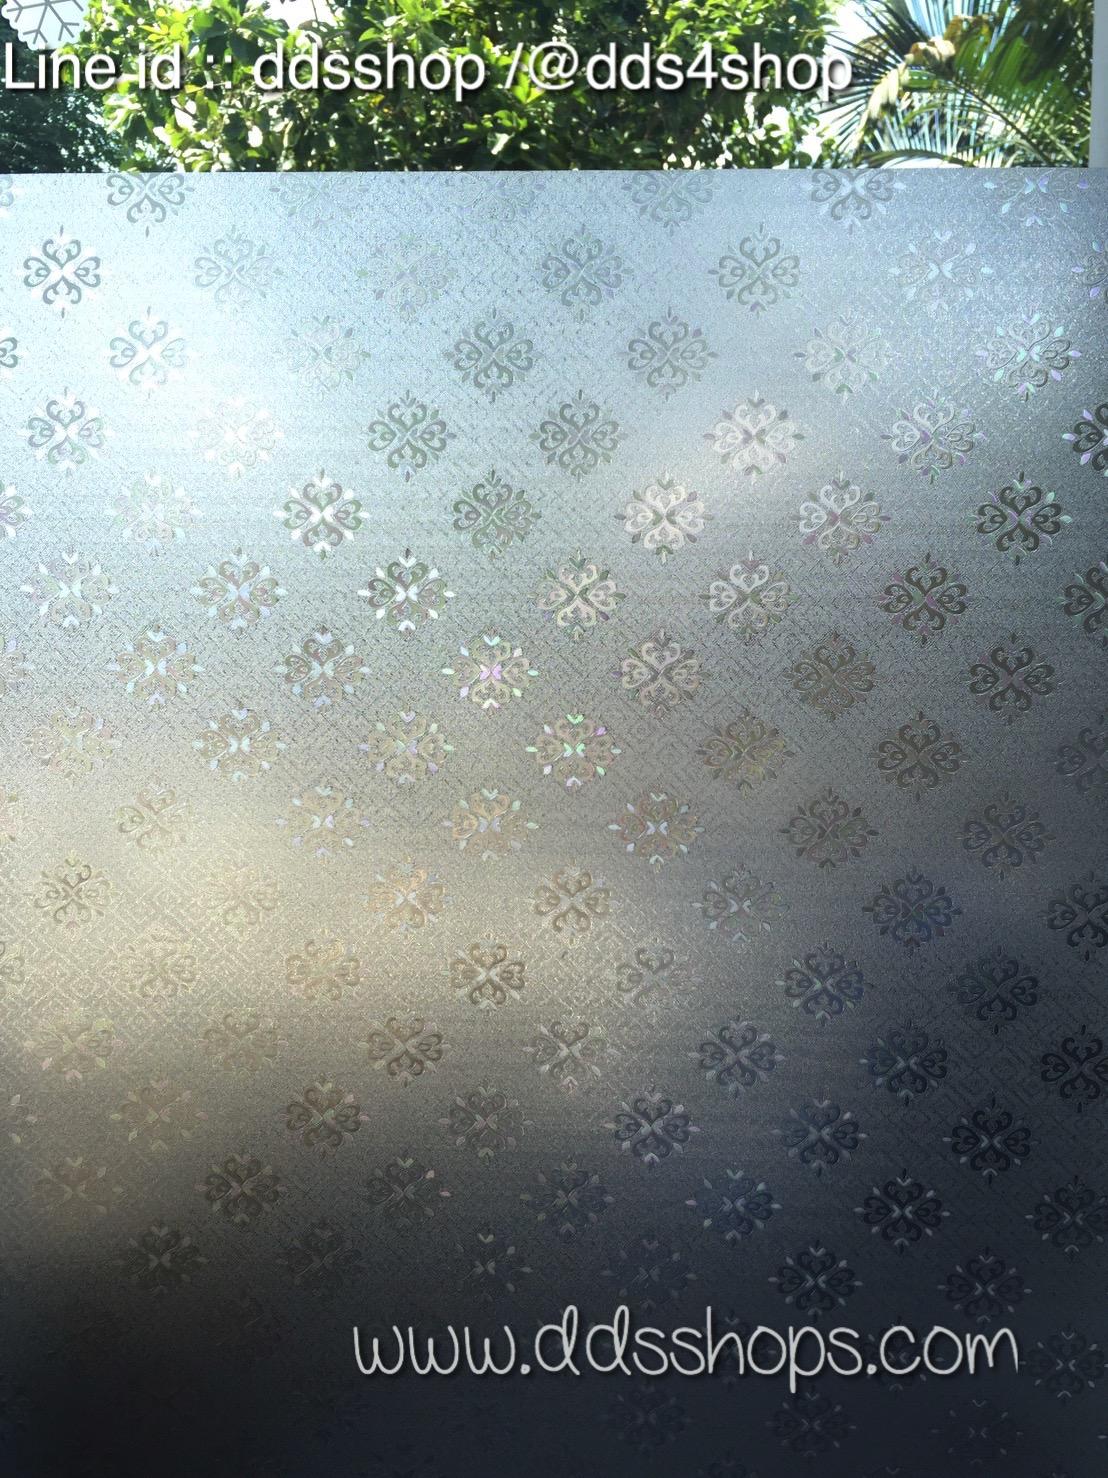 """PVC สูญญากาศติดกระจก """"Luise Style"""" หน้ากว้าง 90 cm ราคาต่อเมตร 270 บาท"""